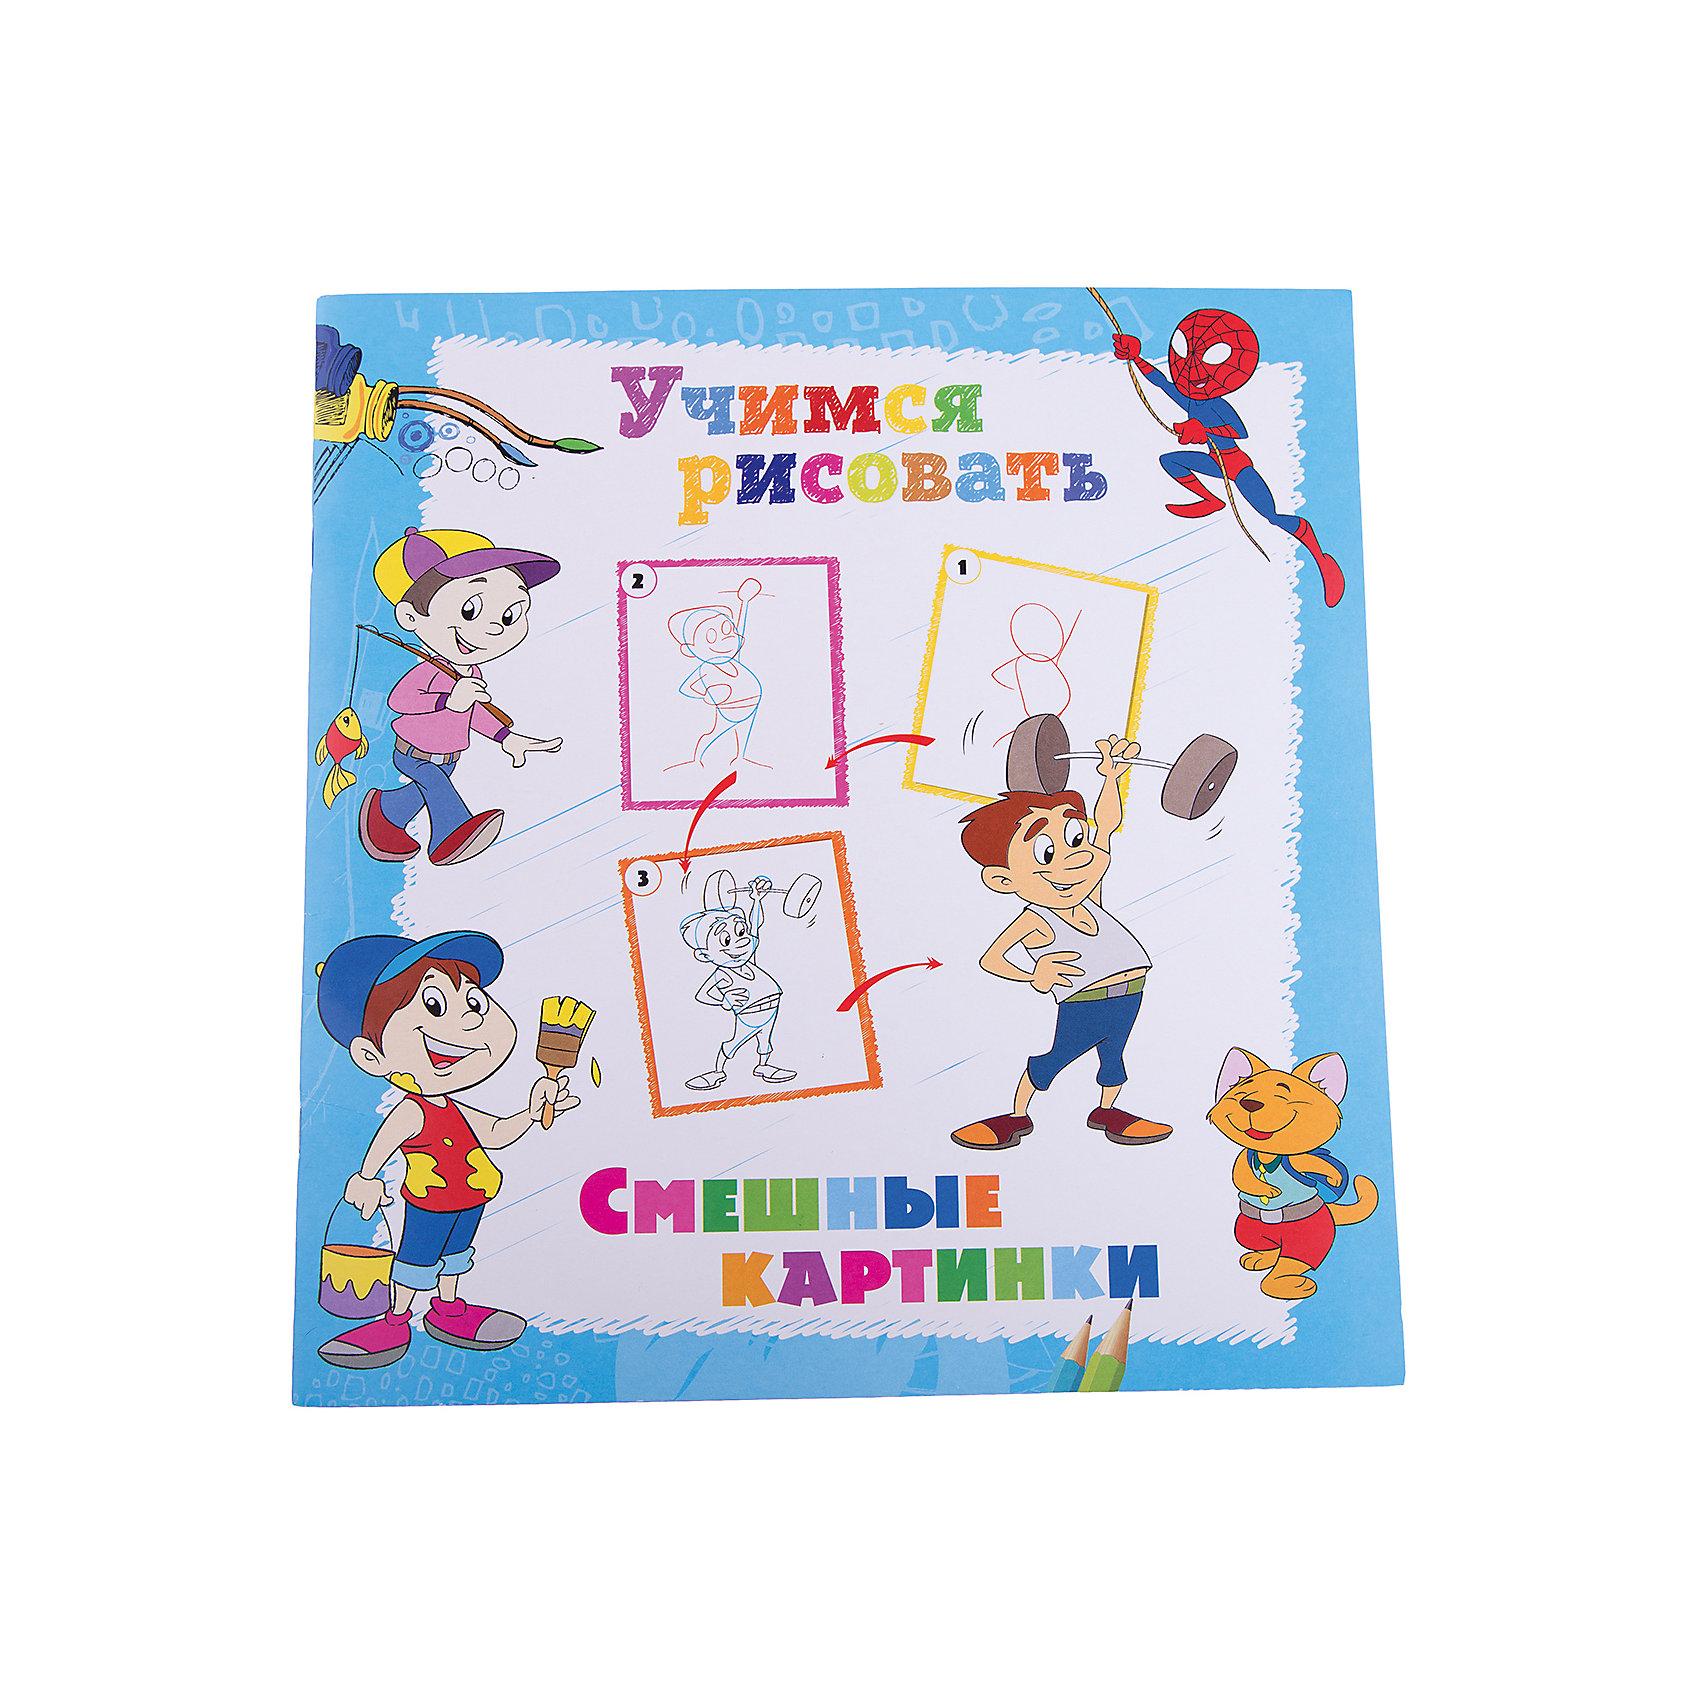 Книга Смешные картинки Учимся рисоватьКнига Смешные картинки Учимся рисовать – это уроки поэтапного рисования для детей.<br>Многие малыши обожают рисовать! Рисование и раскрашивание - это не только интересное, но и очень полезное занятие. С книгой-раскраской «Смешные картинки» серии «Учимся рисовать» заниматься рисованием очень весело. Ваш ребенок сможет научиться рисовать забавные картинки, воспользовавшись пошаговыми советами художника. Книга поможет развить внимательность, мелкую моторику, творческие способности.<br><br>Дополнительная информация:<br><br>- Издательство: Новый диск, 2016 г.<br>- Серия: Учимся рисовать<br>- Тип обложки: мягкий переплет (крепление скрепкой или клеем)<br>- Иллюстрации: цветные, черно-белые<br>- Количество страниц: 24 (офсет)<br>- Размер: 290x280x2 мм.<br>- Вес: 114 гр.<br><br>Книгу Смешные картинки Учимся рисовать можно купить в нашем интернет-магазине.<br><br>Ширина мм: 280<br>Глубина мм: 3<br>Высота мм: 290<br>Вес г: 112<br>Возраст от месяцев: 36<br>Возраст до месяцев: 84<br>Пол: Унисекс<br>Возраст: Детский<br>SKU: 4664442